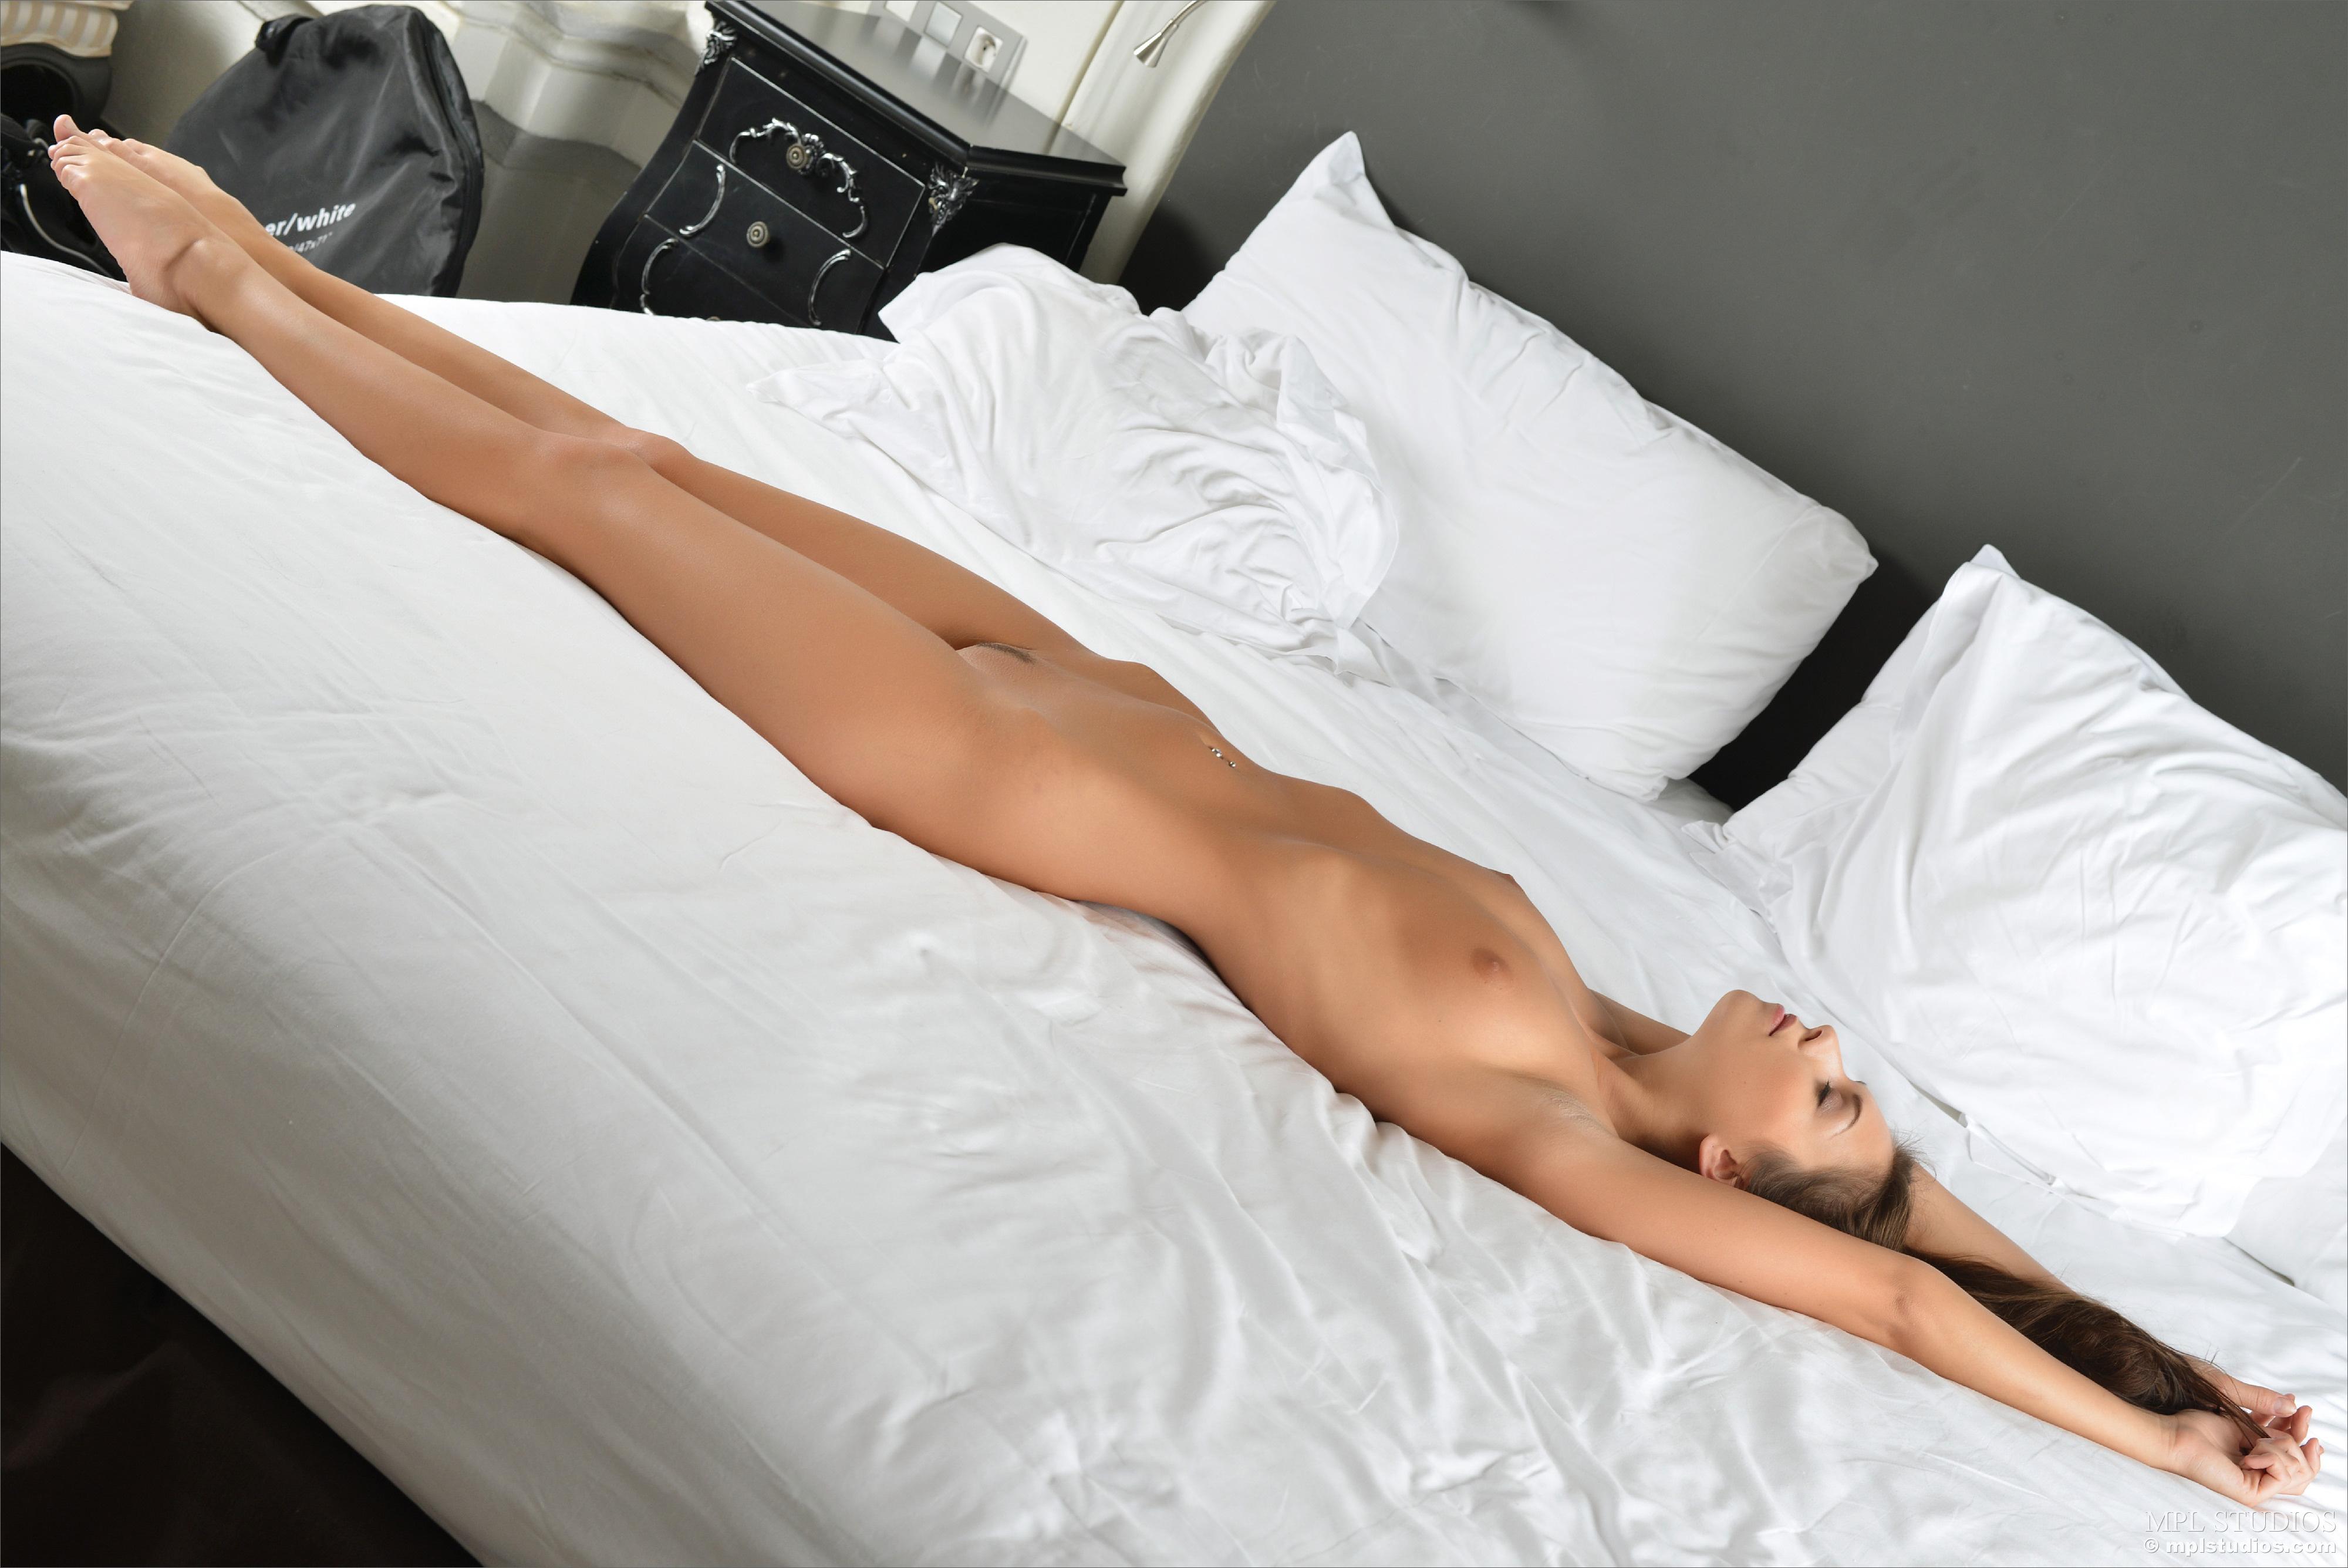 Beautiful brunette woman nude free webcams 10